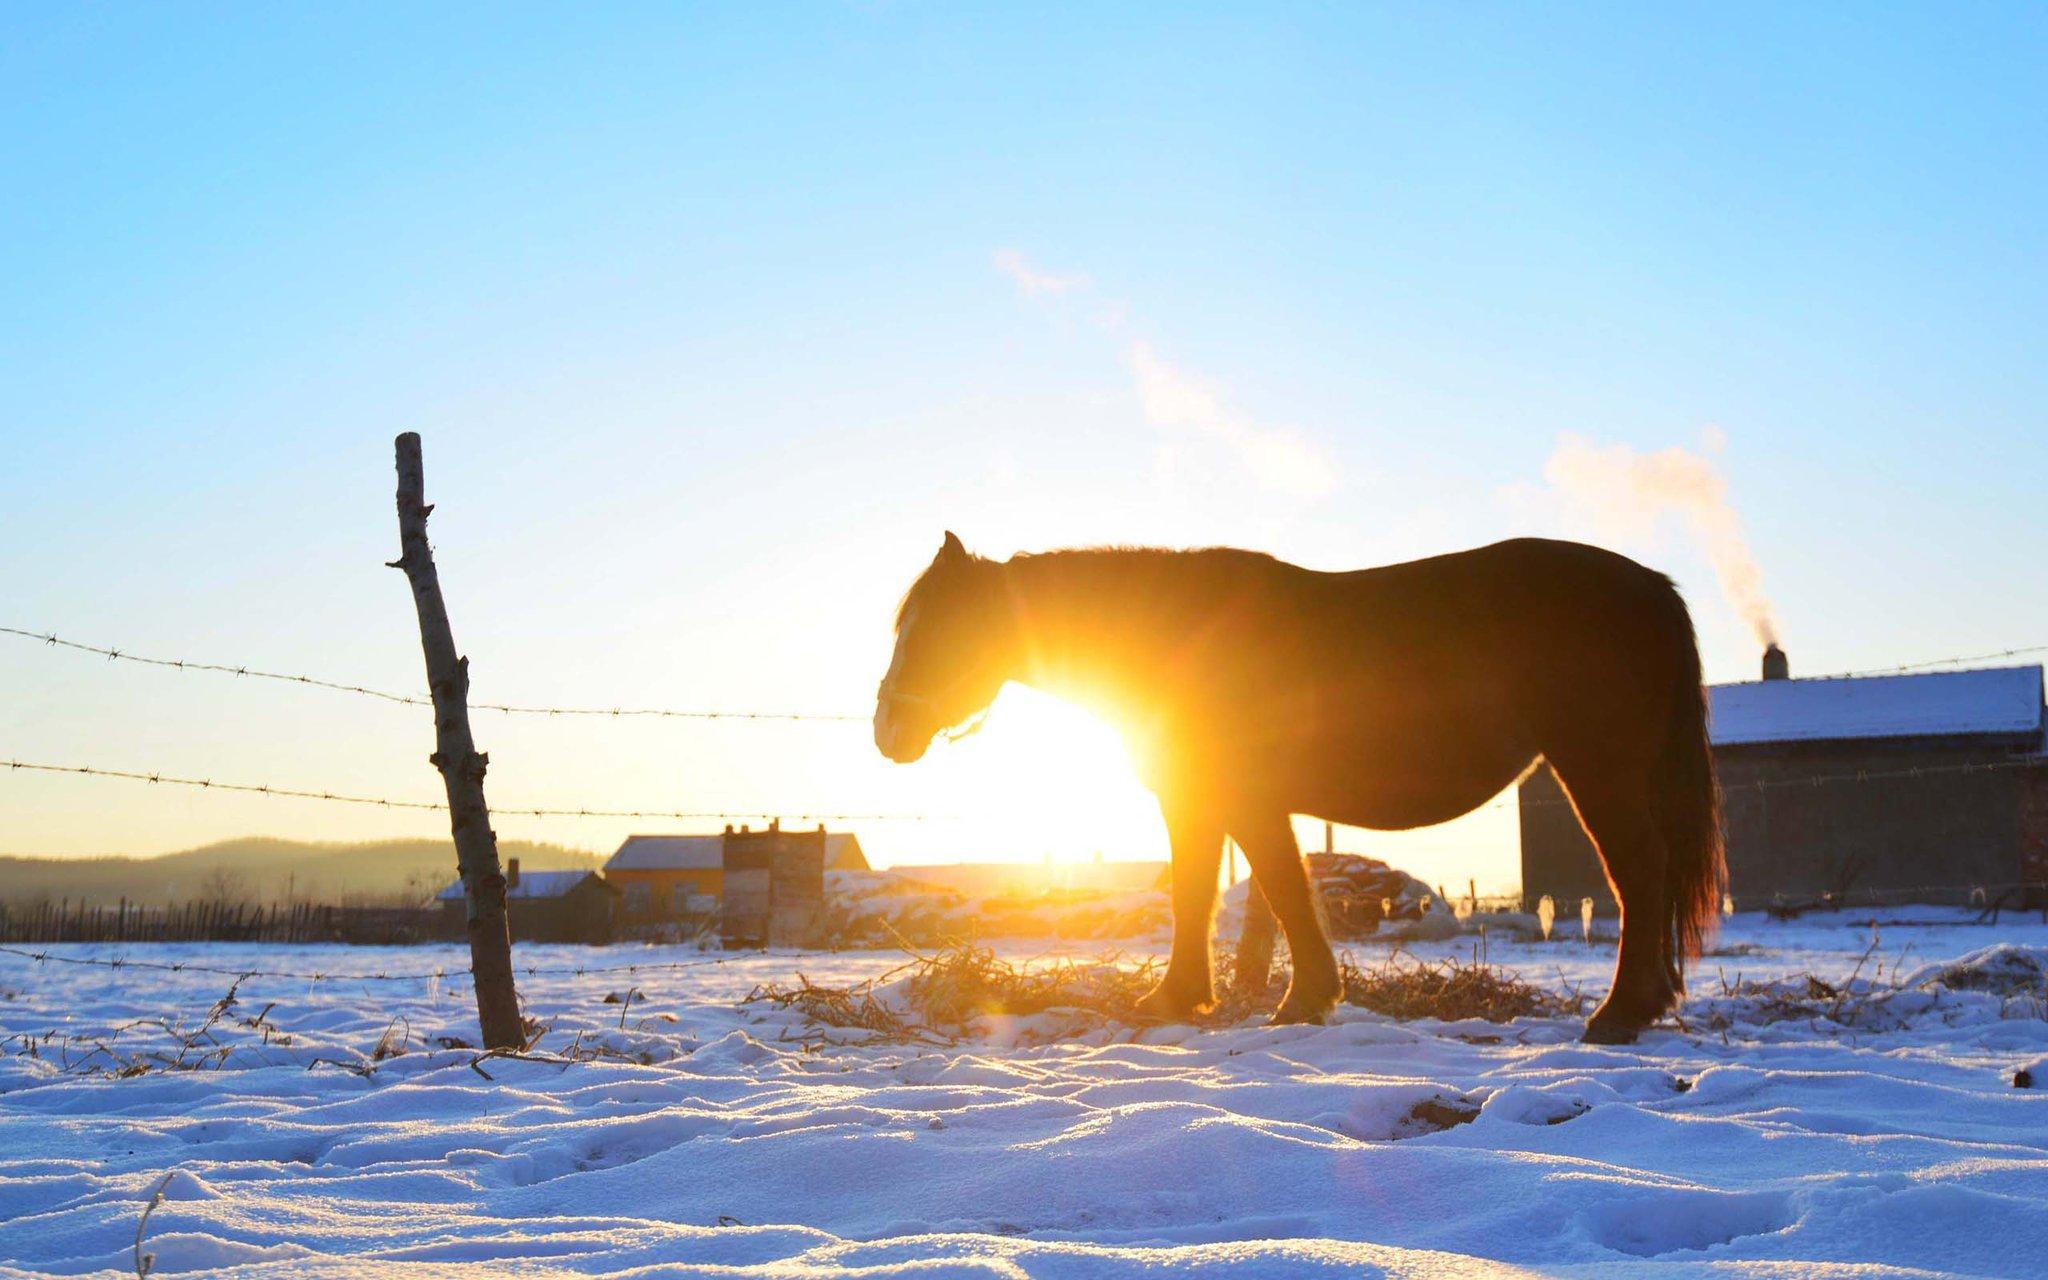 鄂伦春冬季早晨的风景图片电脑高清壁纸 _壁纸素材_百优a精美图库